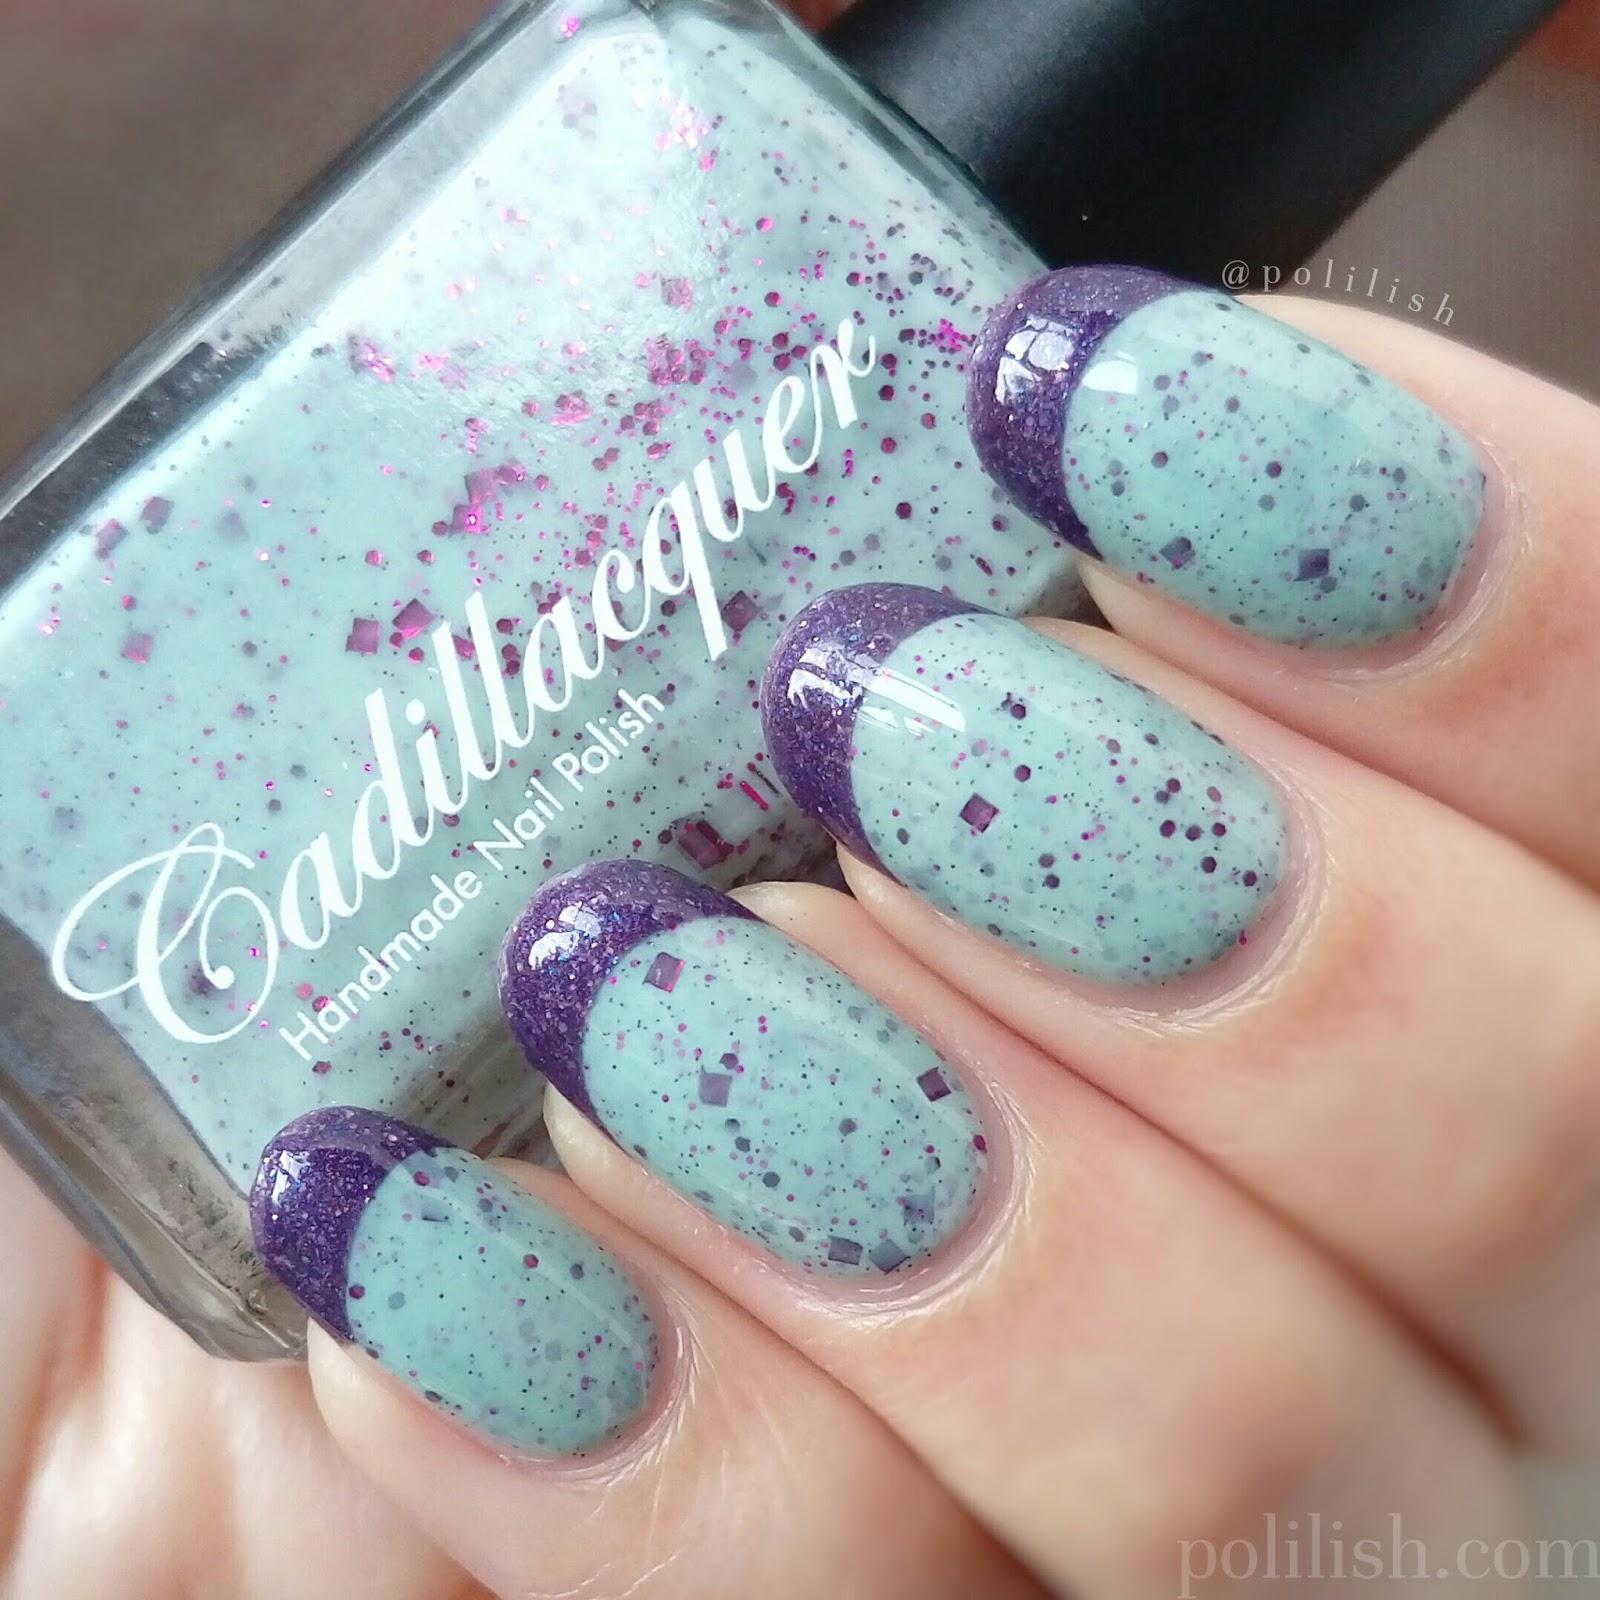 polilish | nail art